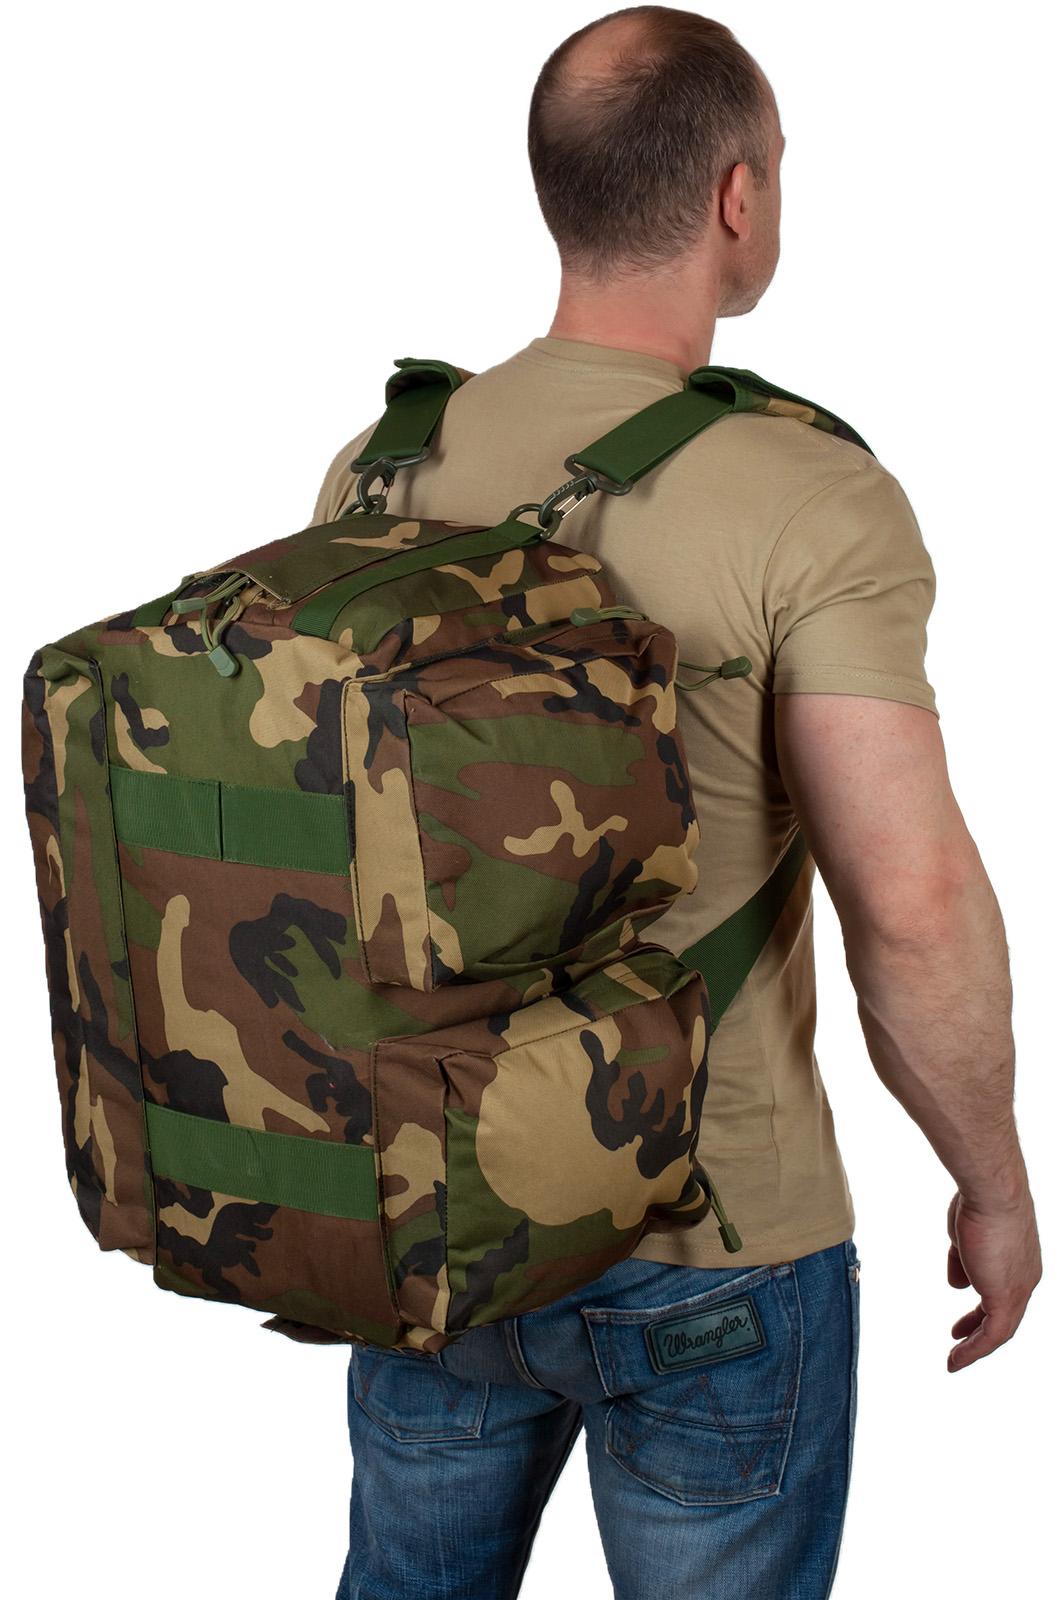 Космический функционал Десанта! Тактическая сумка-рюкзак ВДВ